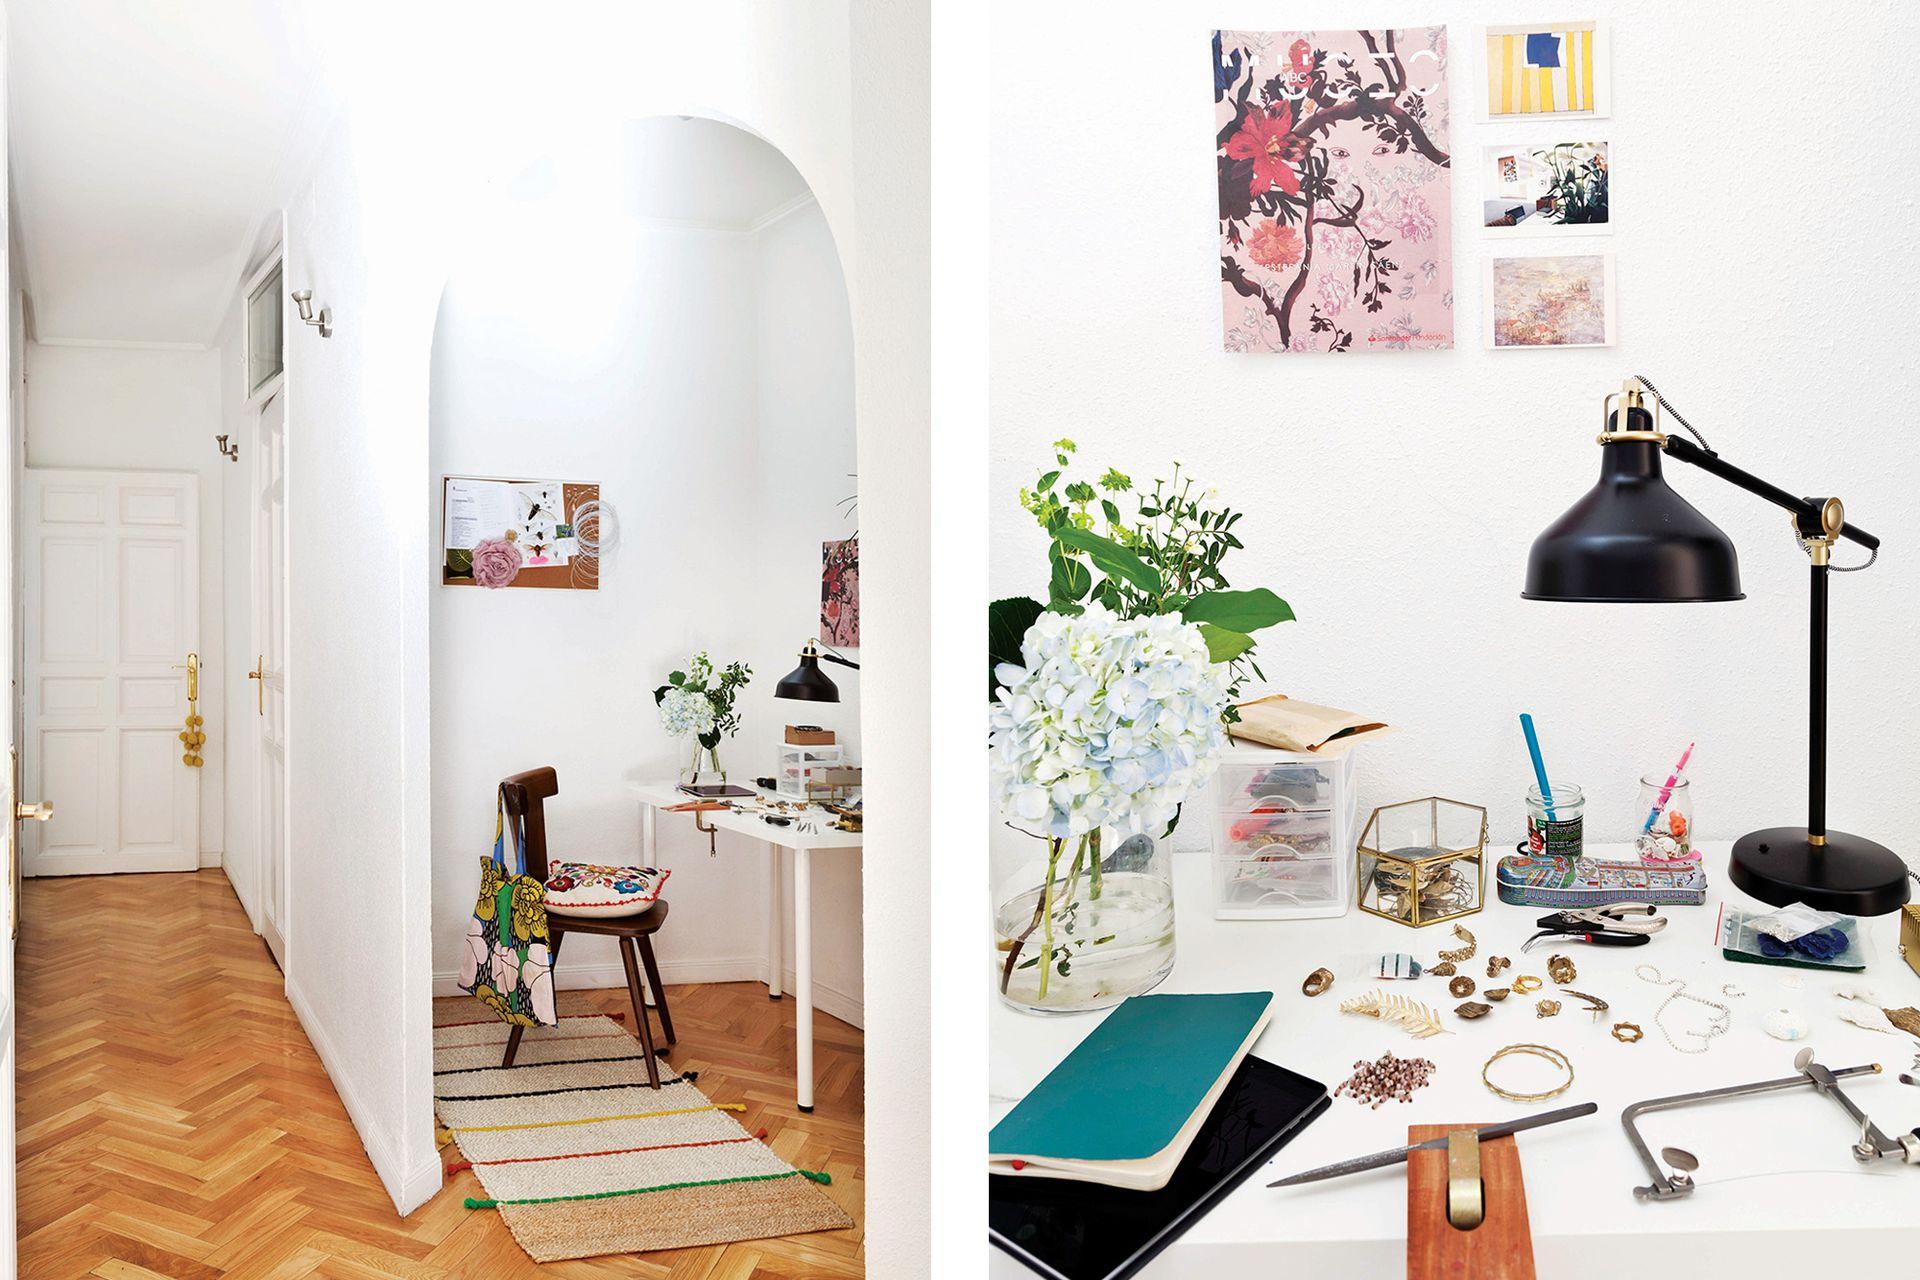 Personalizado con moodboards de inspiración, un arco enmarca el íntimo espacio de trabajo de Josha, la marca de Dolores.